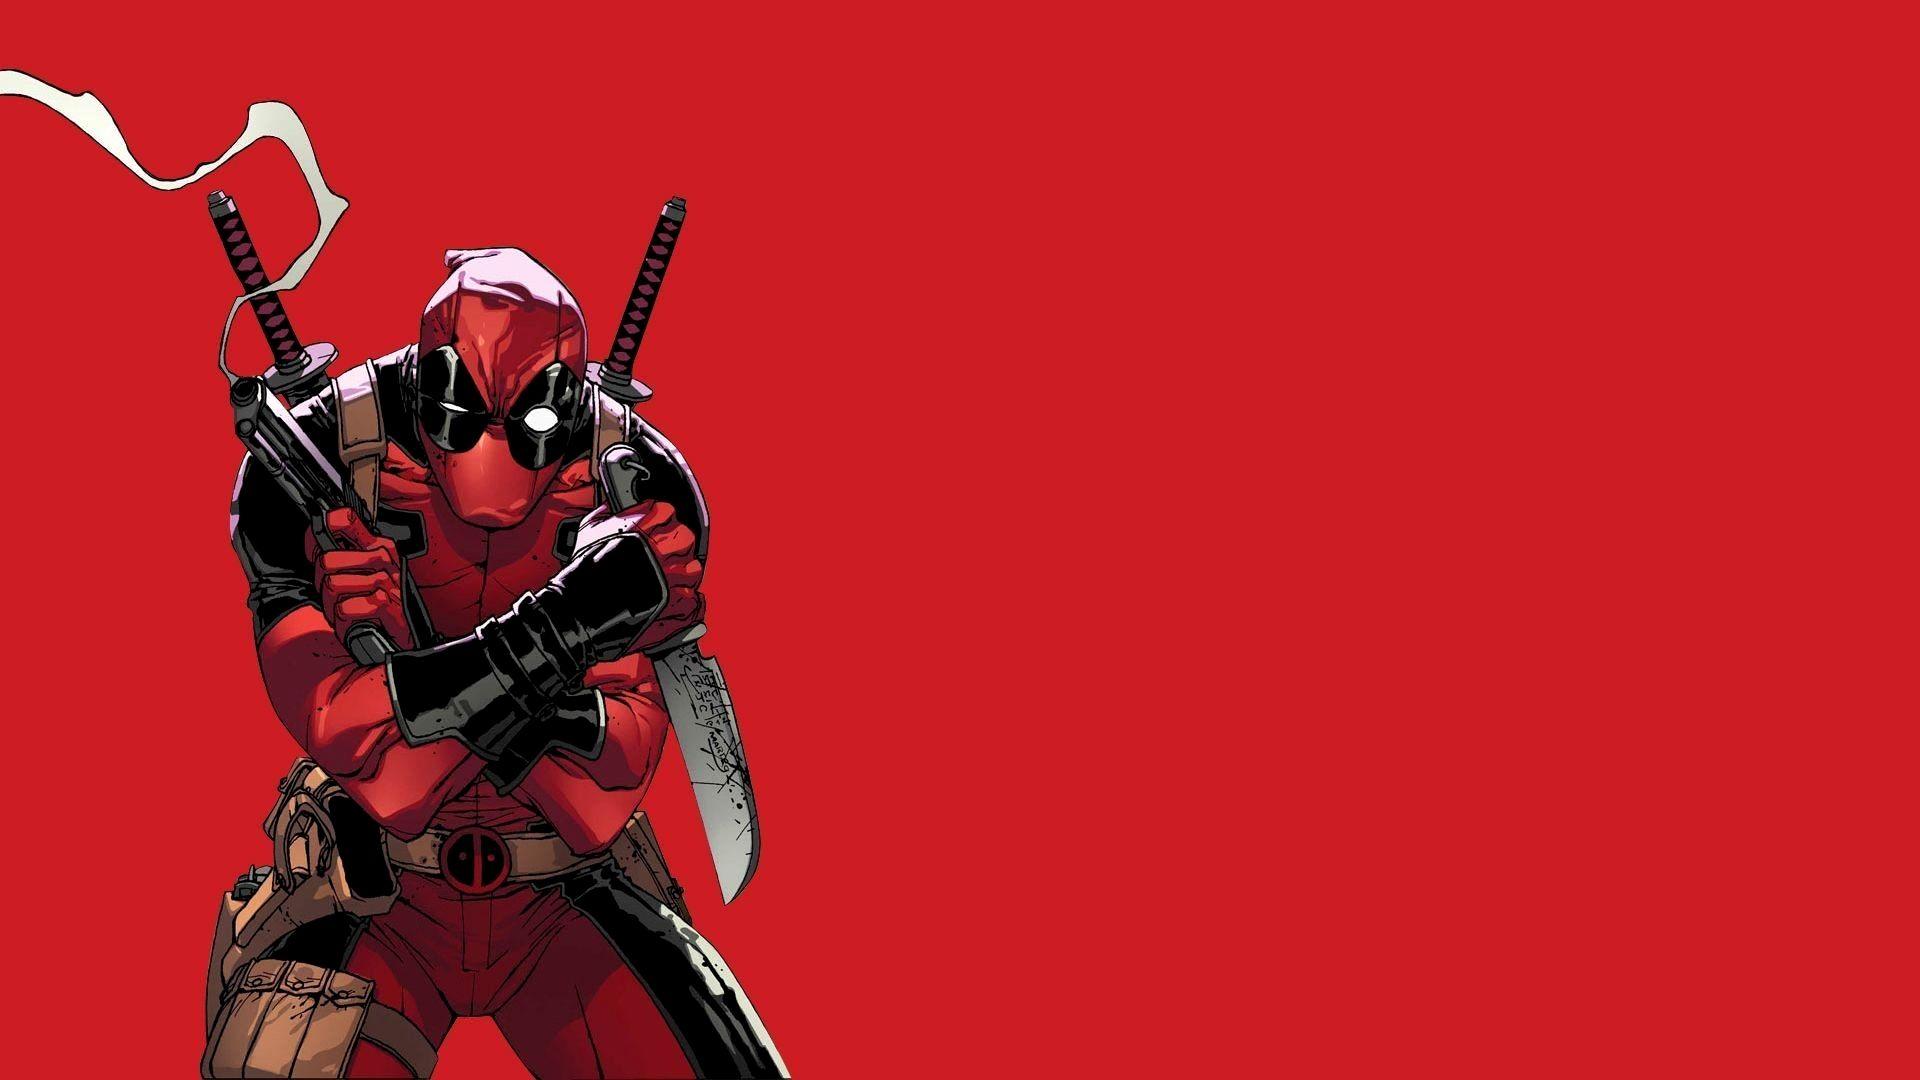 Deadpool Wallpaper 4k For Phone Trick Deadpool Wallpaper Deadpool Wallpaper Desktop Deadpool Illustration